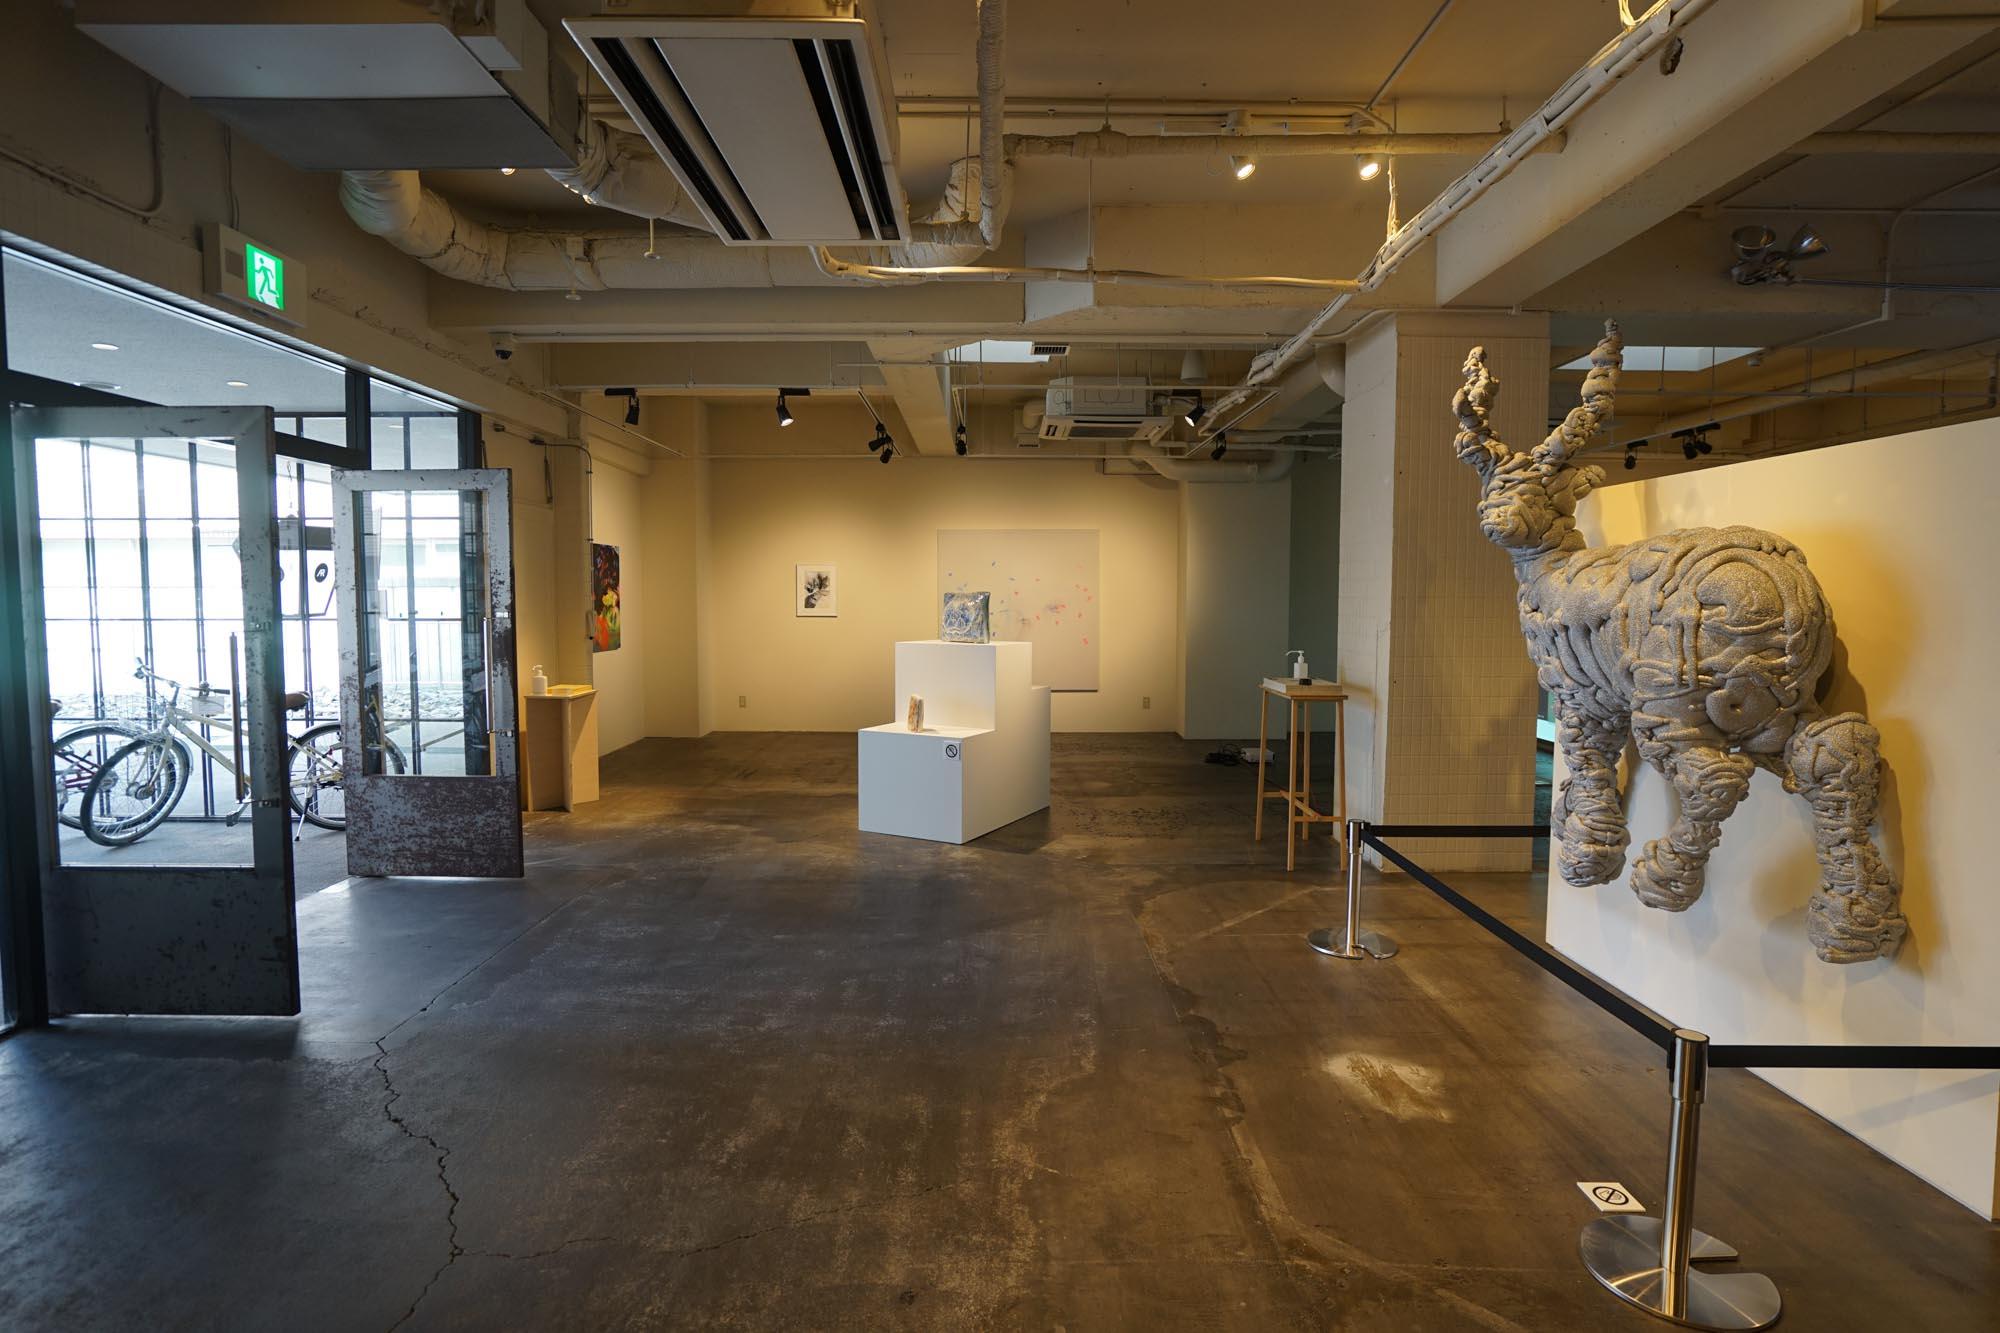 エントランス正面には、大きなアート作品がお出迎え。ギャラリースペースとなっていて、定期的に作品が入れ替わります。